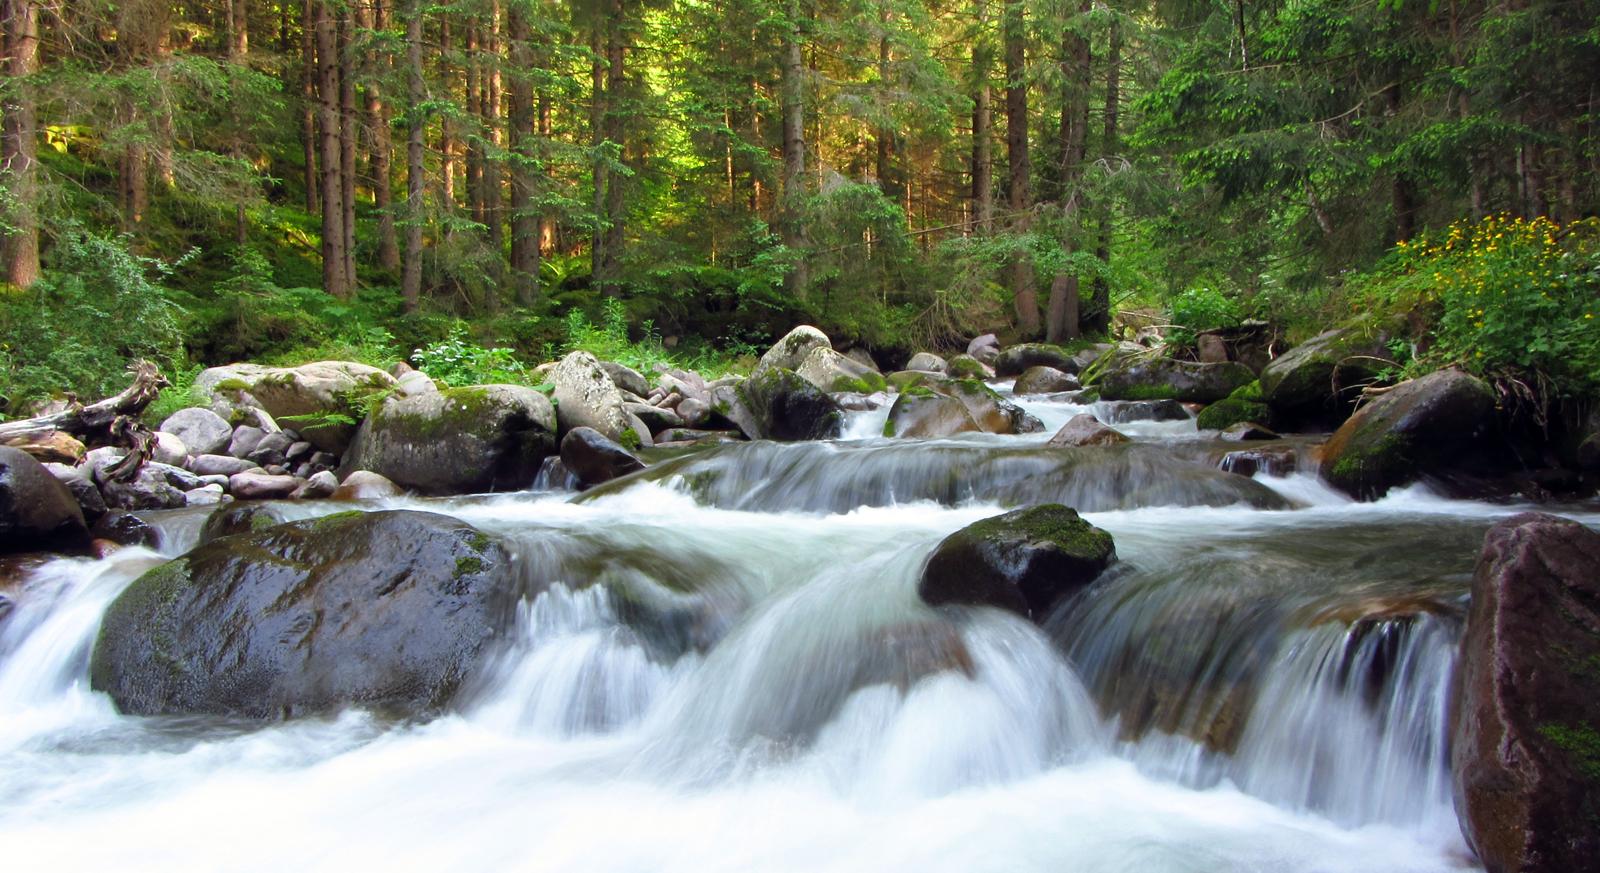 Fuggire dal Caldo: consigli su dove andare e cosa fare in Montagna